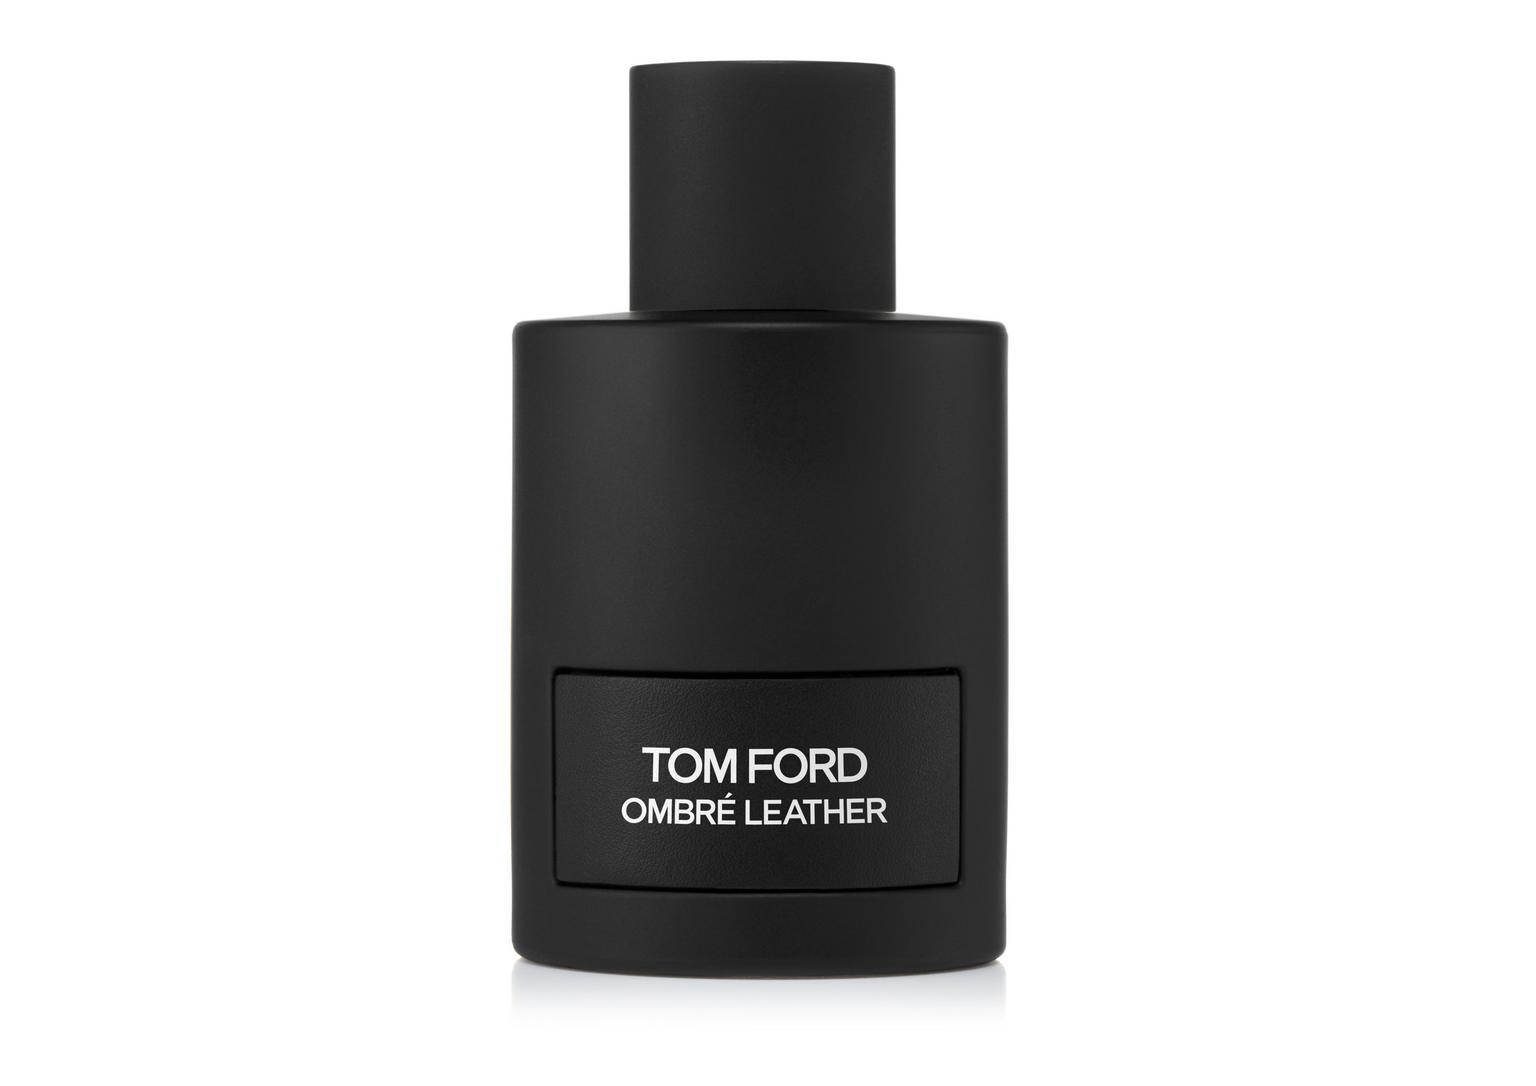 توم فورد-عطر أومبري ليذر للرجال والنساء 100 مل -او دو برفيوم